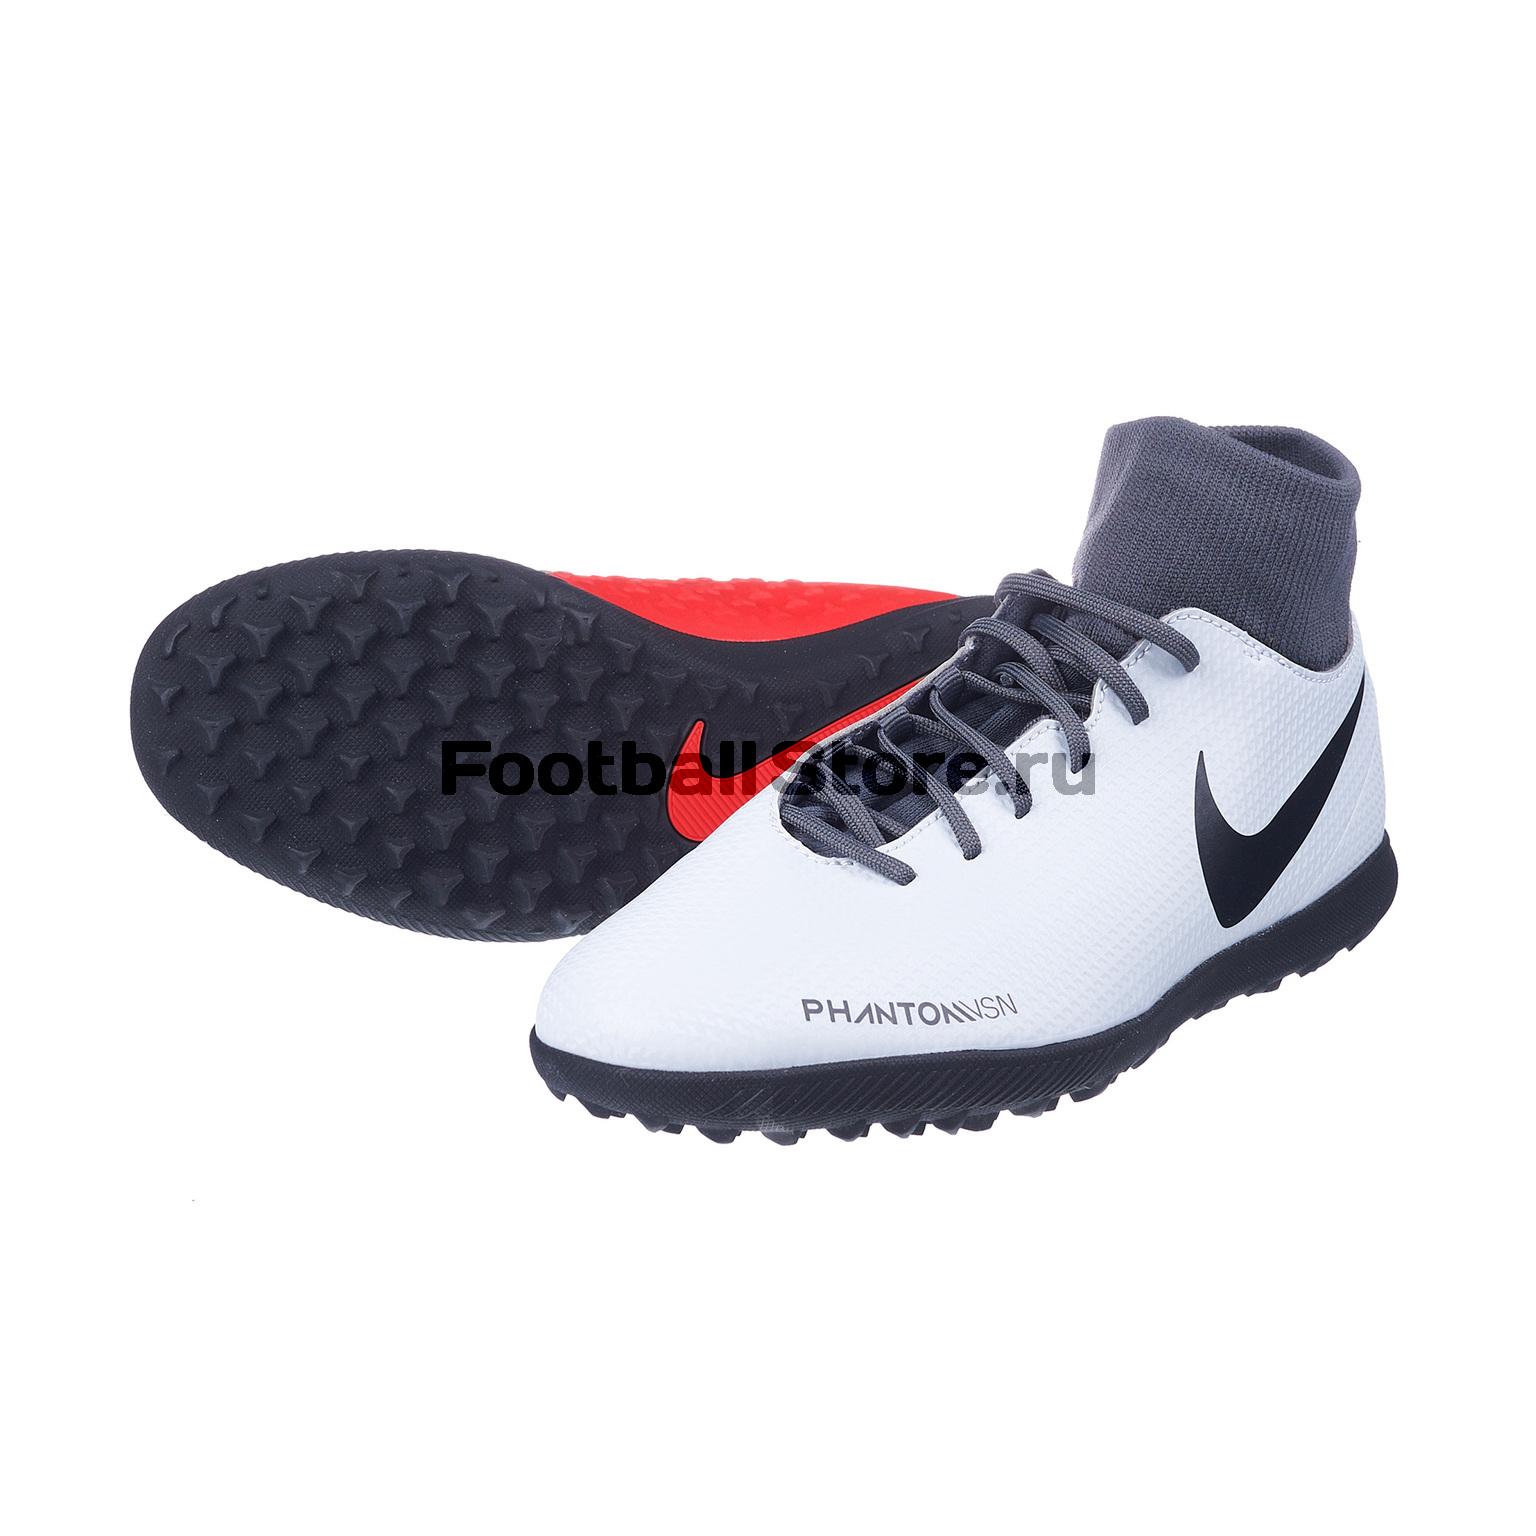 Шиповки Nike Phantom Vision Club DF TF AO3273-060 бутсы nike phantom vision elite df sg pro fc ao3264 060